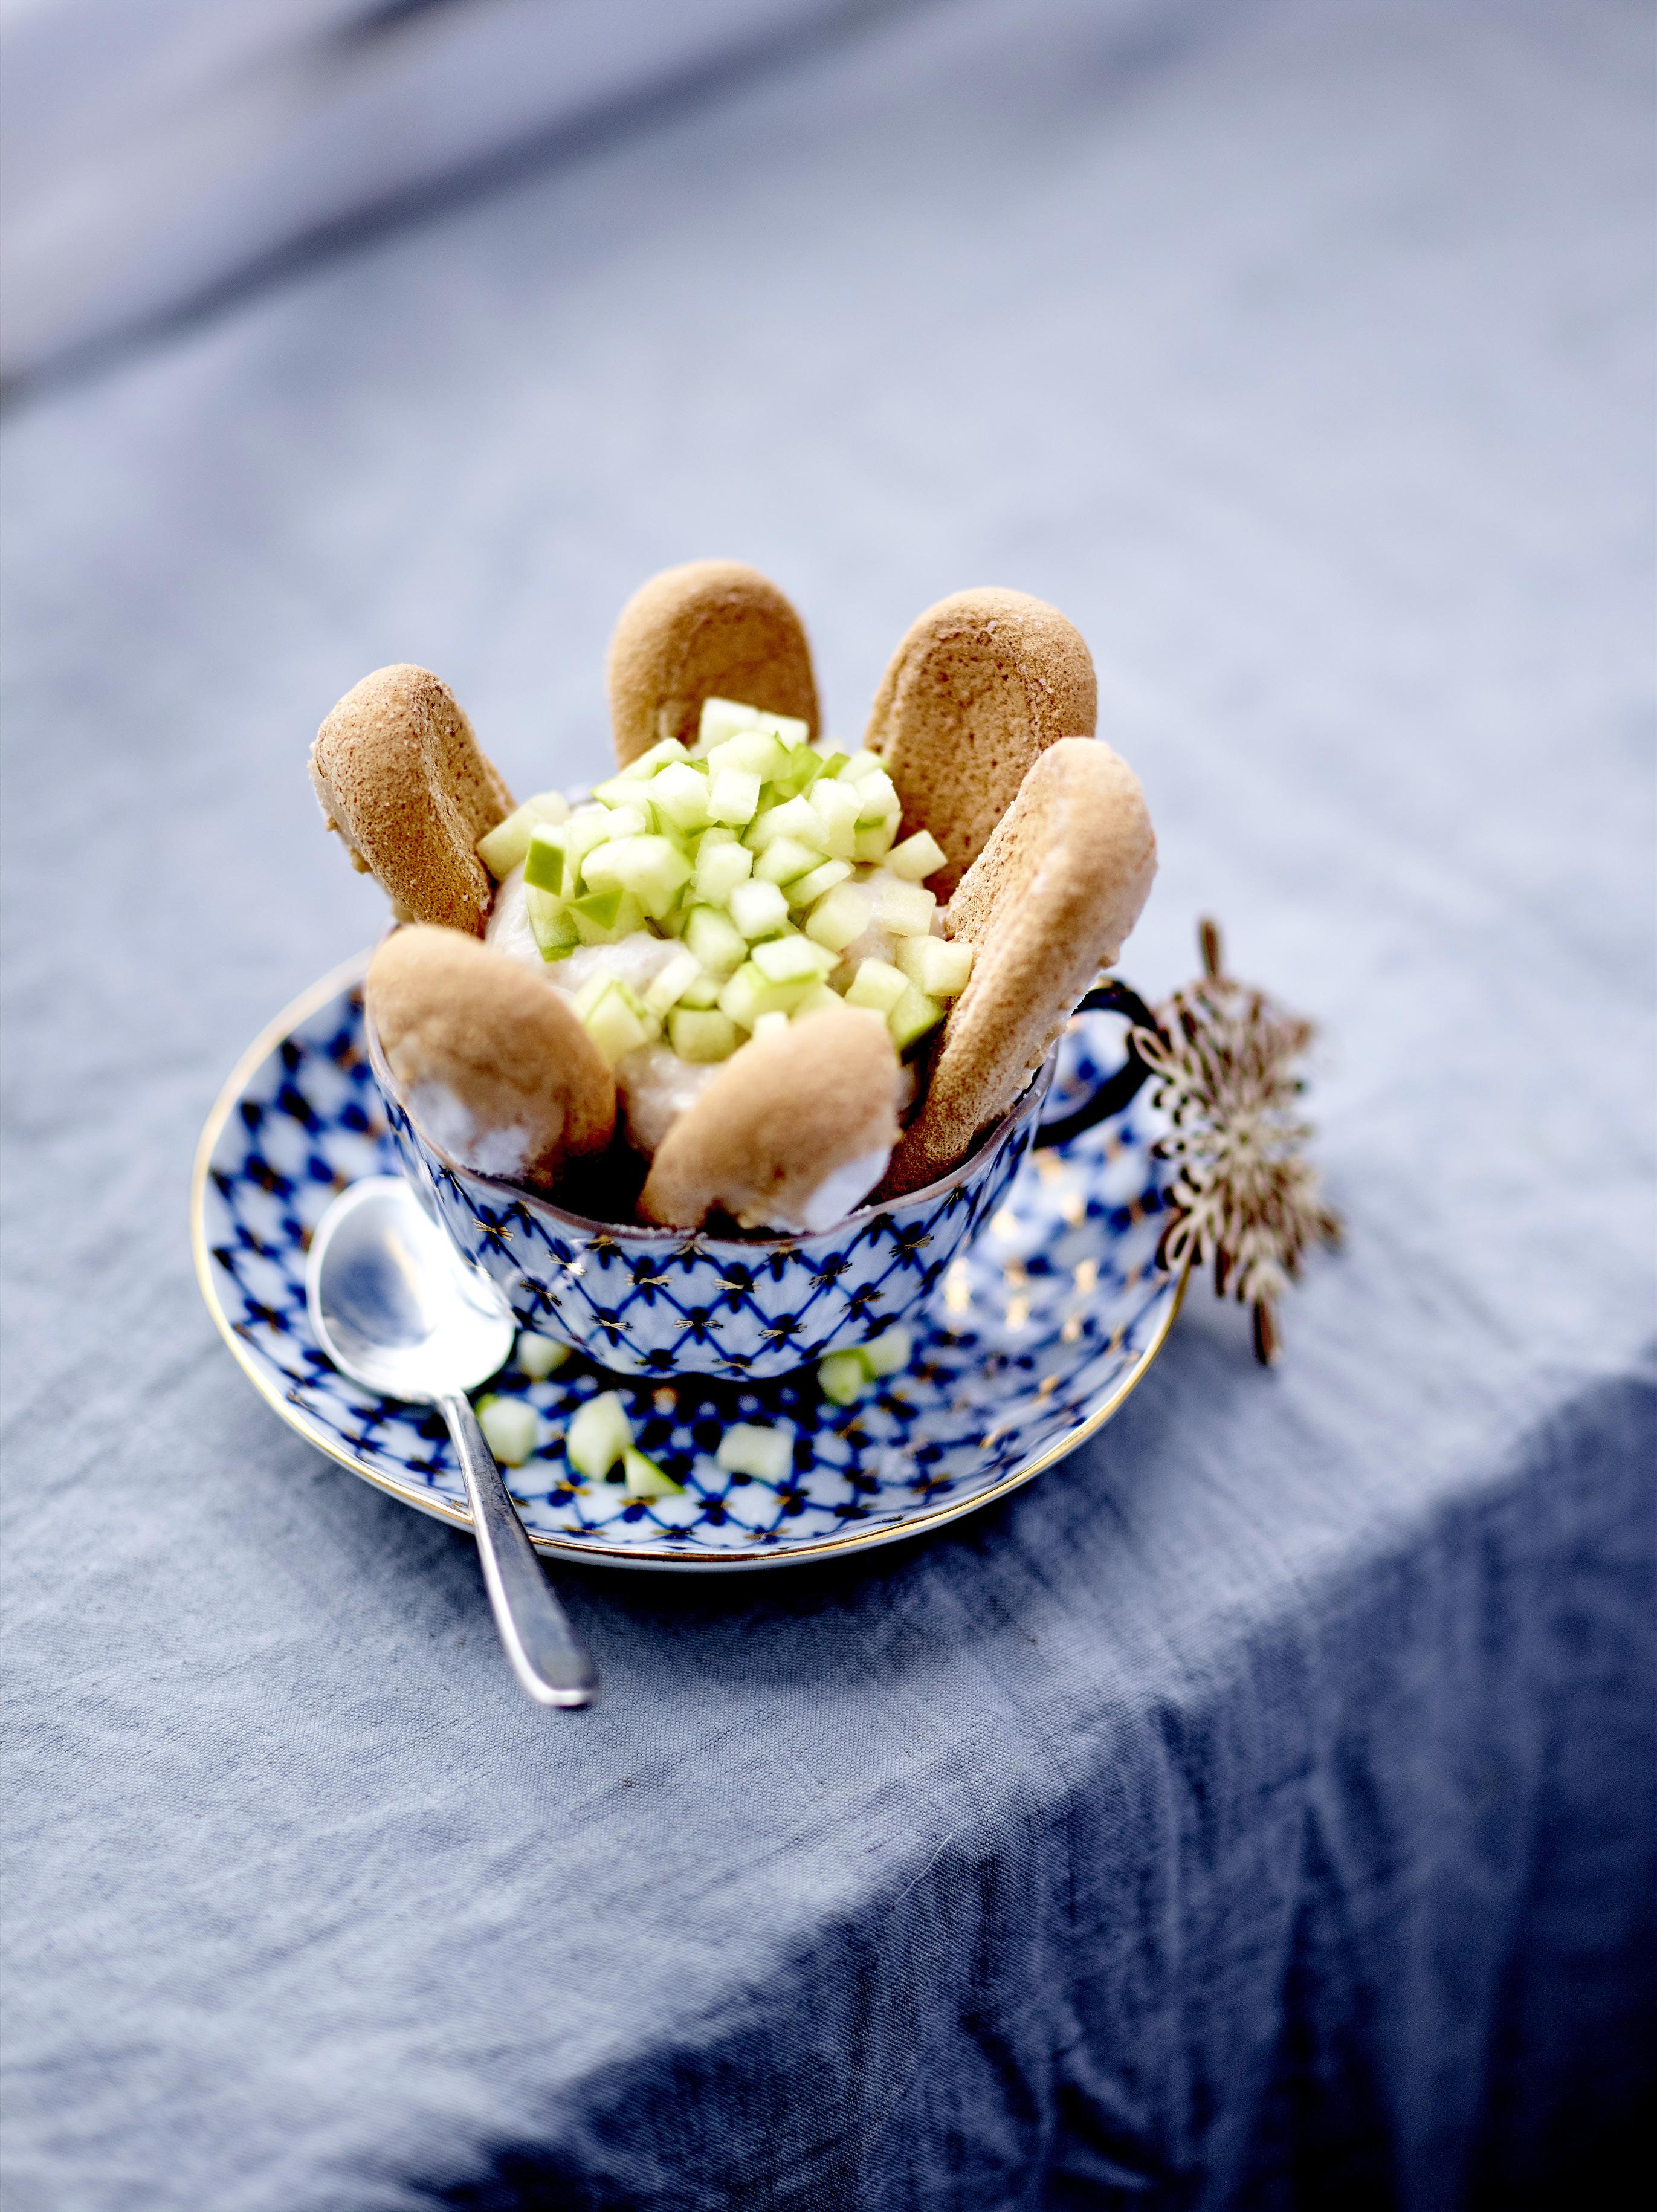 charlottines aux marrons glac s et pomme acidul e pour 4 personnes recettes elle. Black Bedroom Furniture Sets. Home Design Ideas